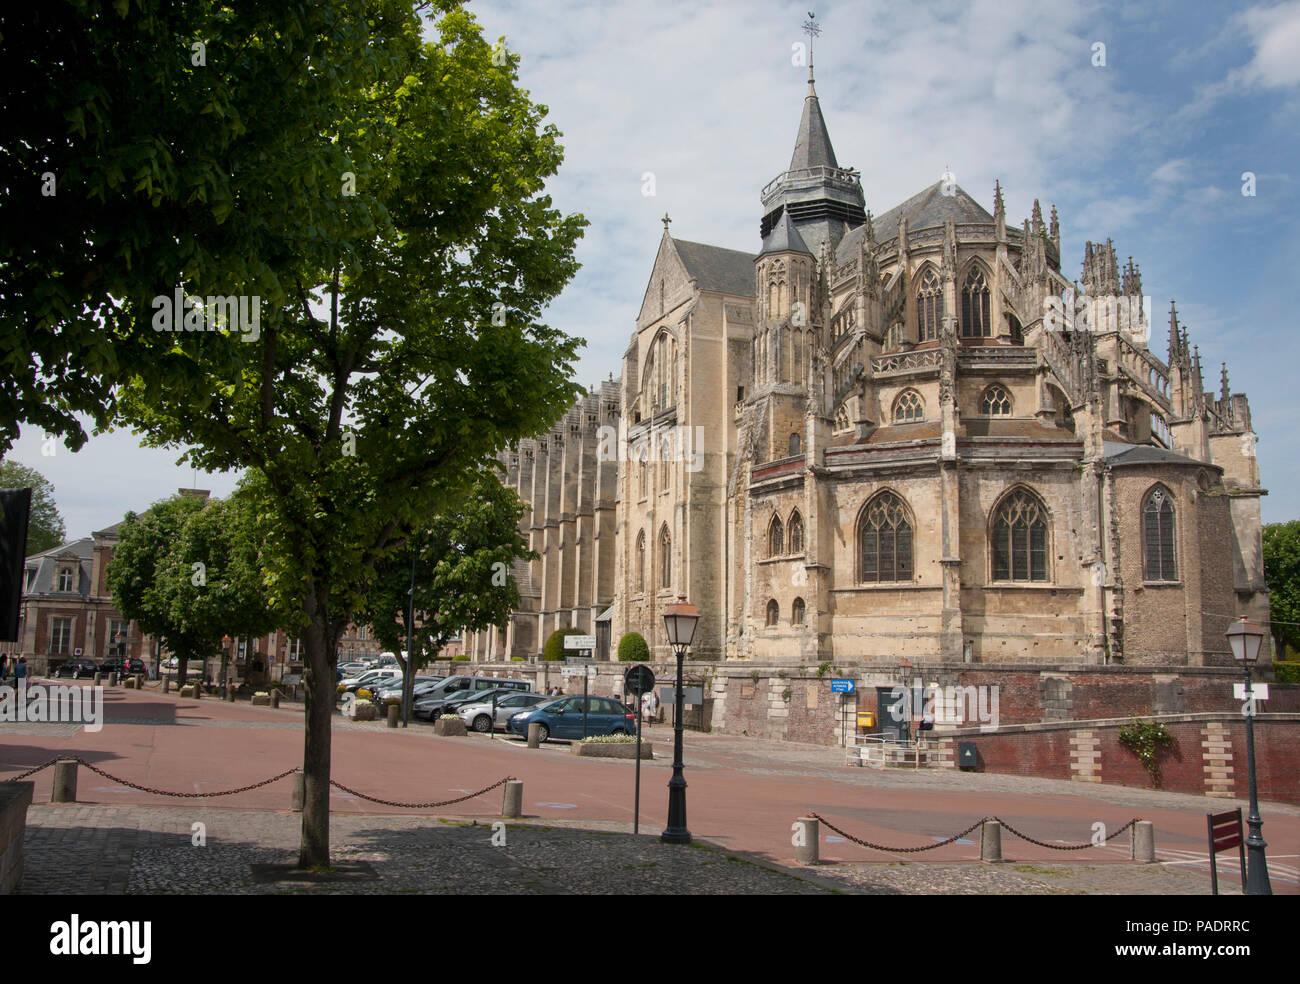 Norman gotica Cattedrale dell'UE aka collegiata di Notre Dame c.1180 Ue, Seine Maritime, a nord della Normandia, Francia Immagini Stock